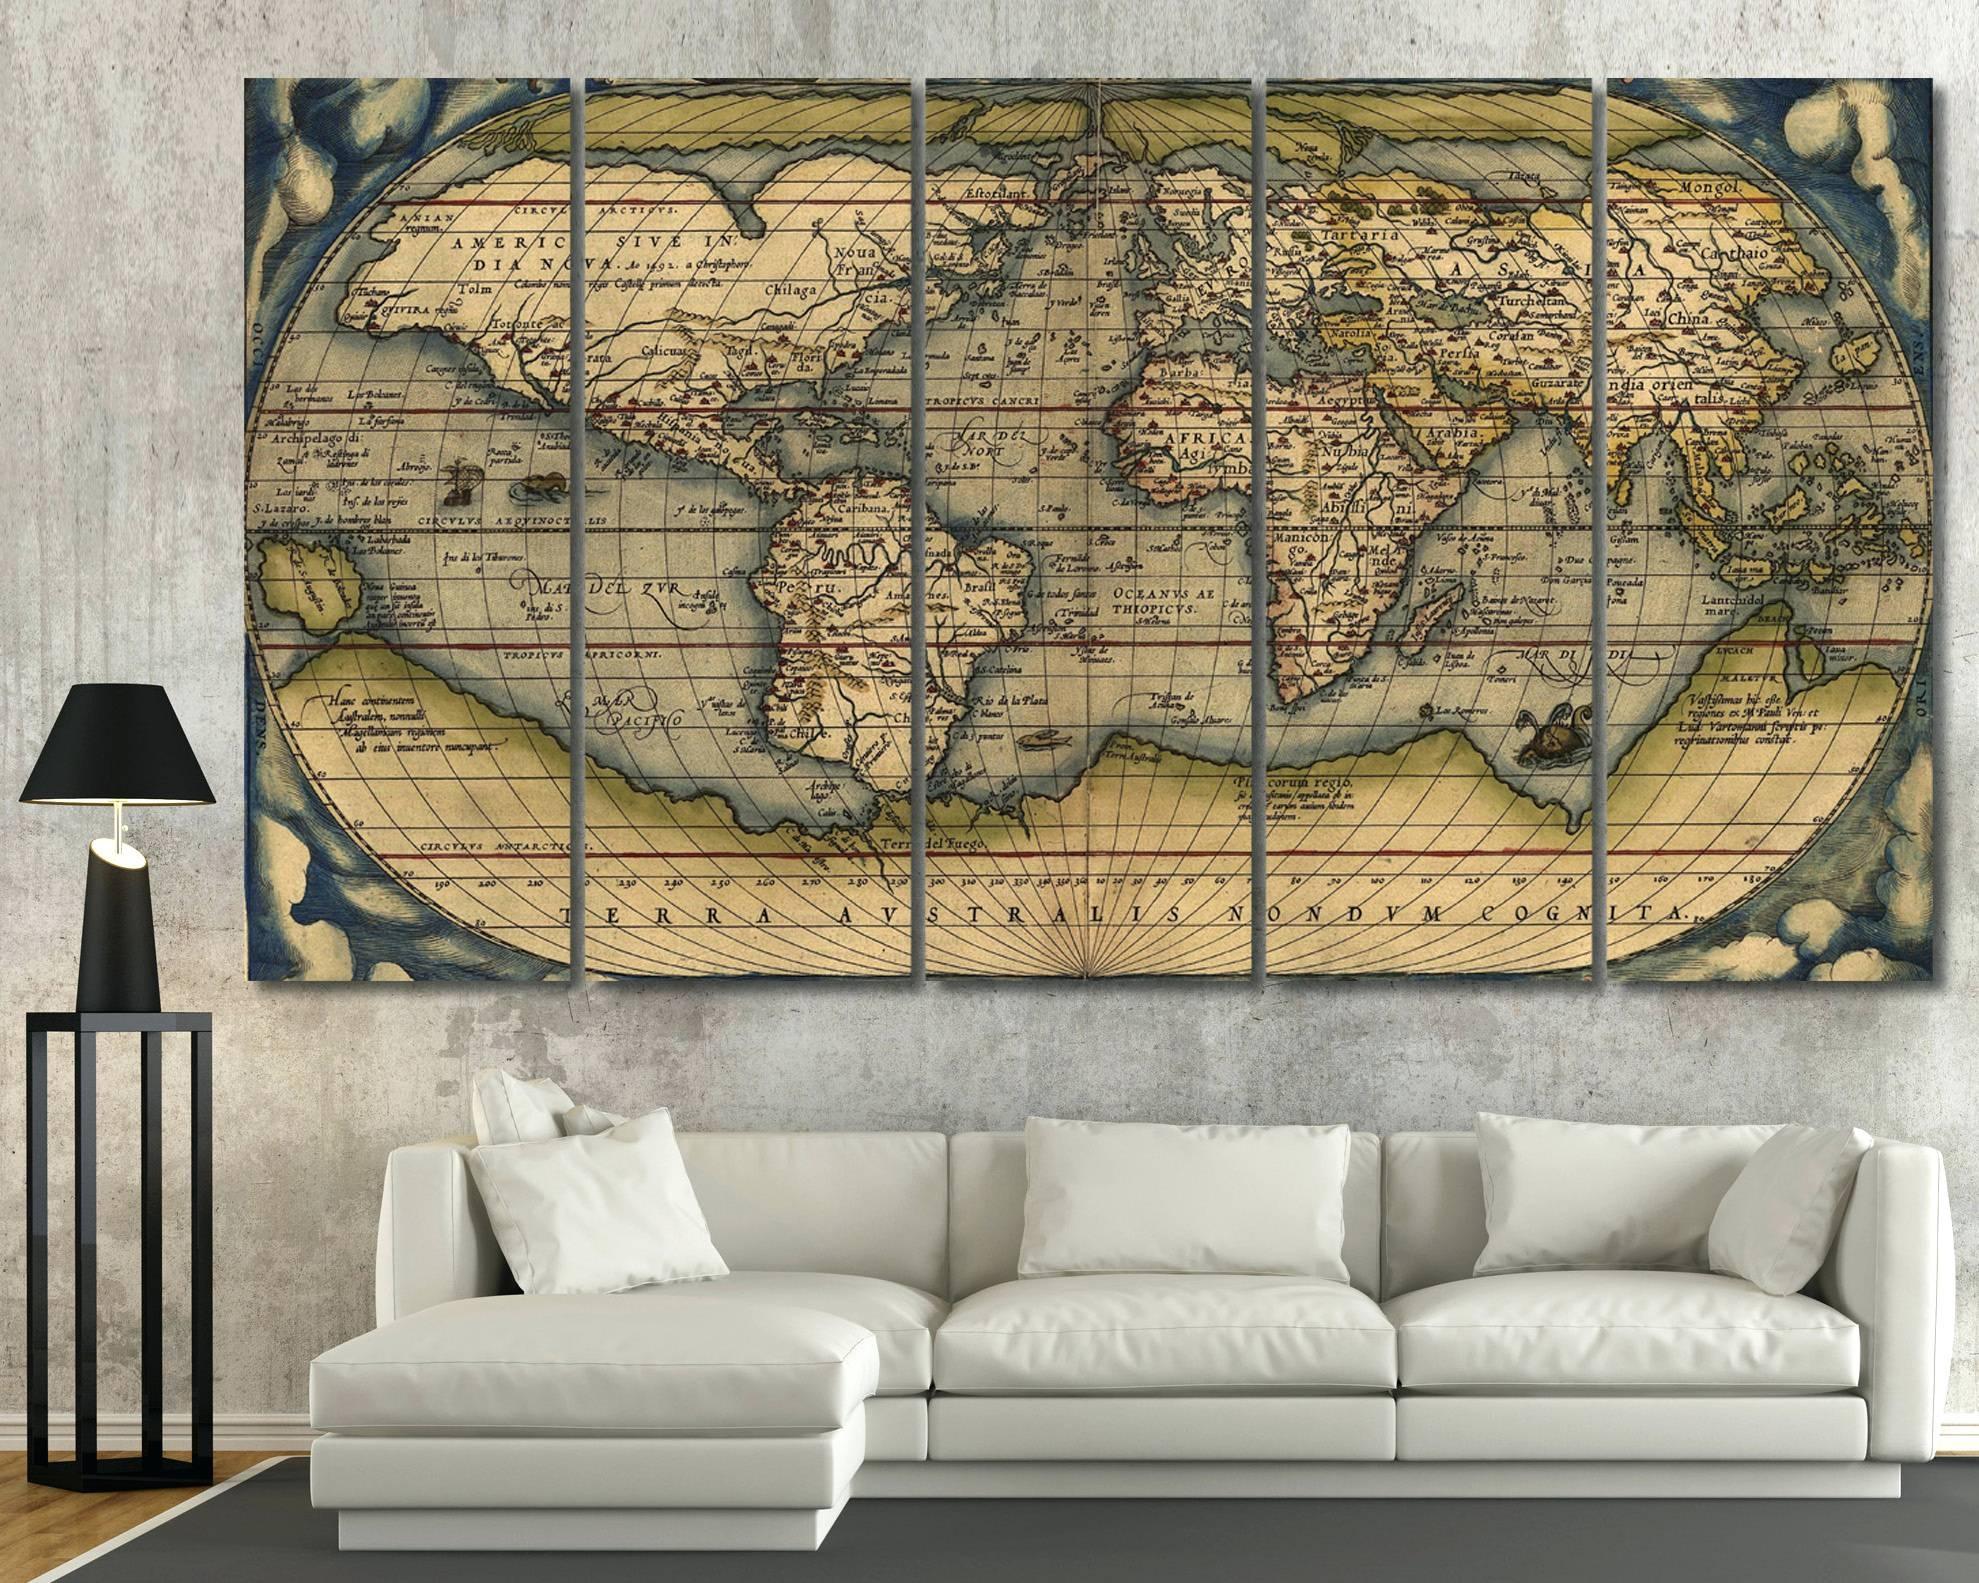 Wall Arts ~ Map Wall Art Etsy Wood Us And Canada Map Wall Art Inside 2018 Africa Map Wall Art (View 8 of 20)